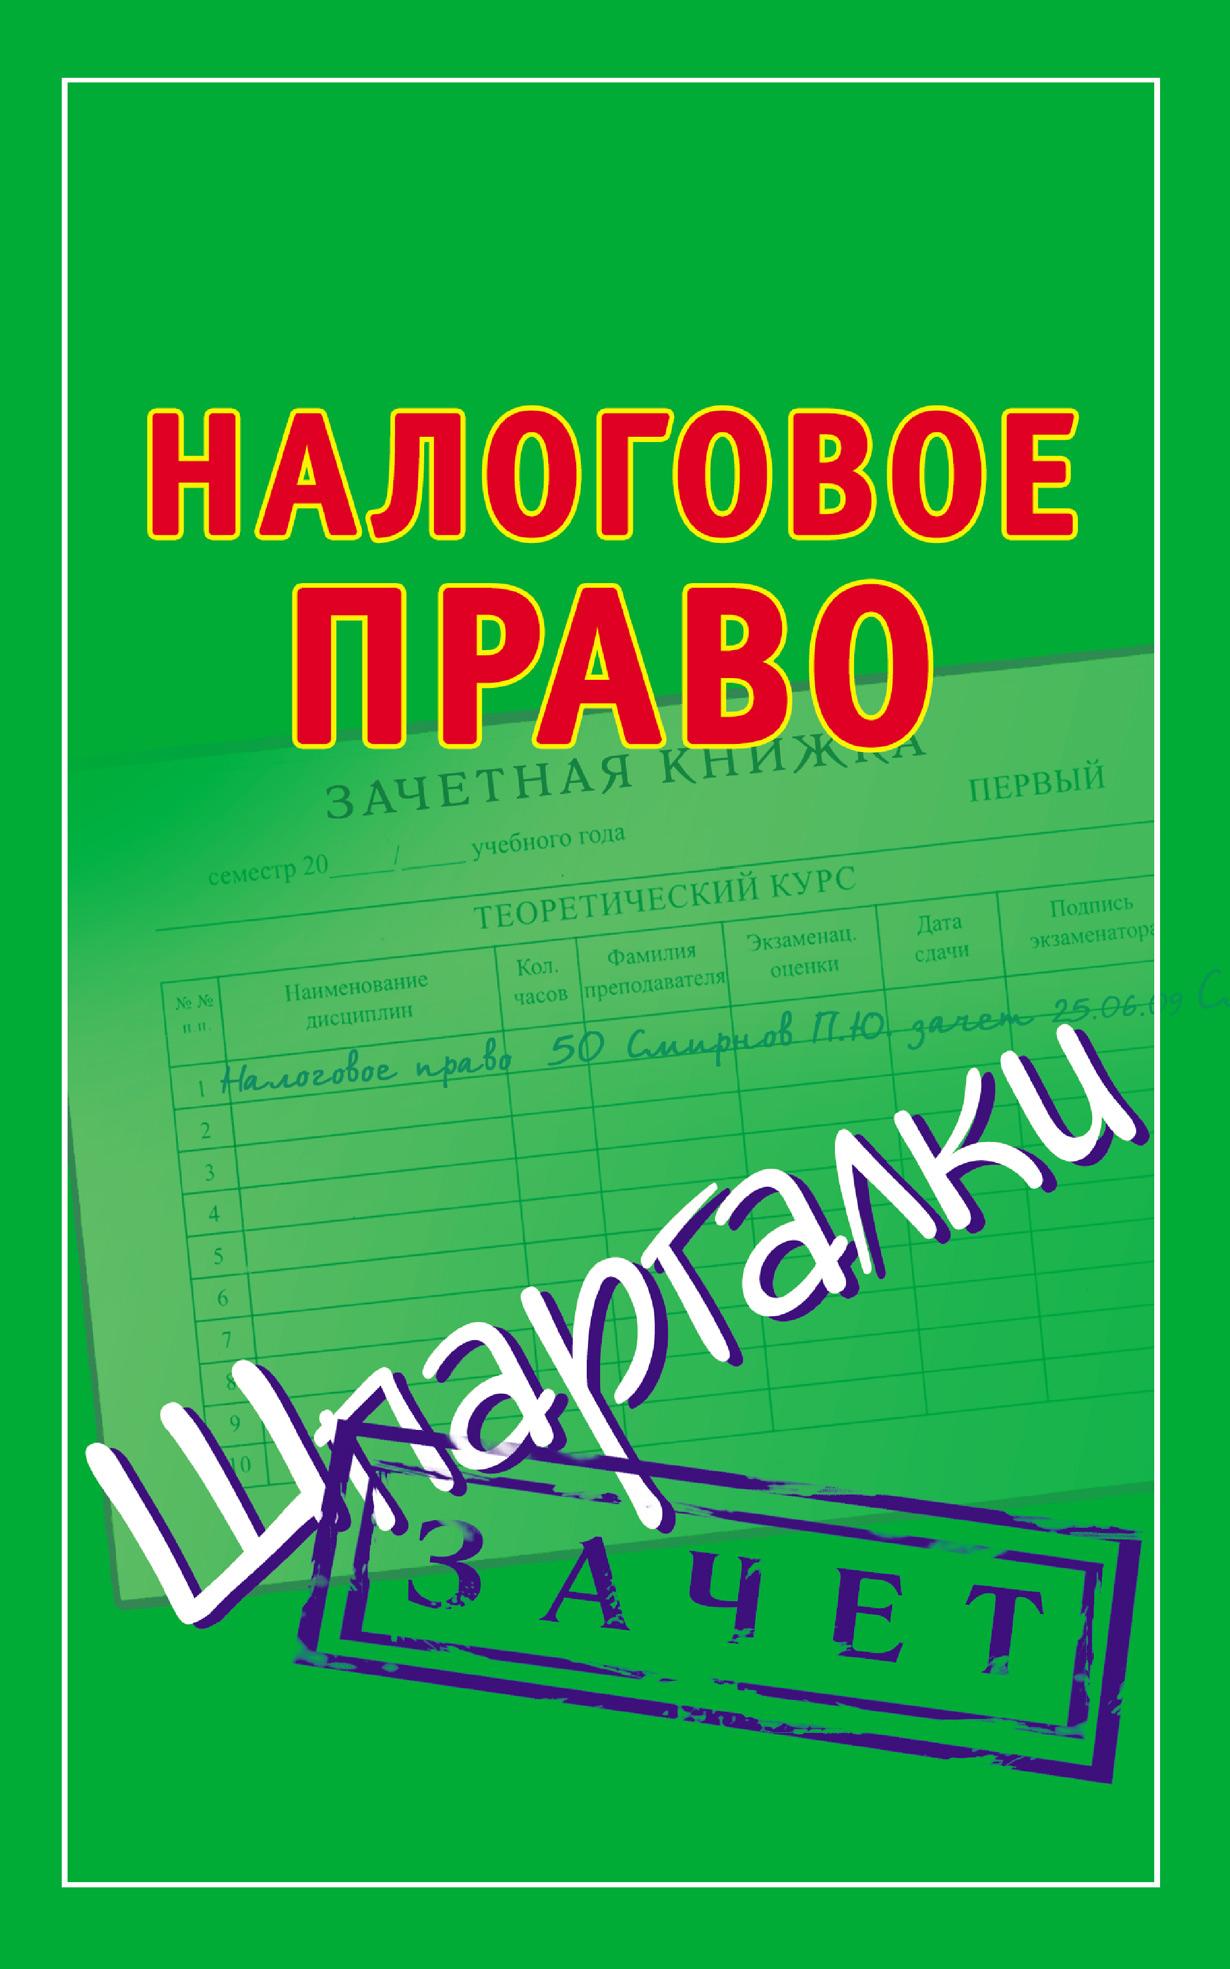 Обложка книги. Автор - Павел Смирнов